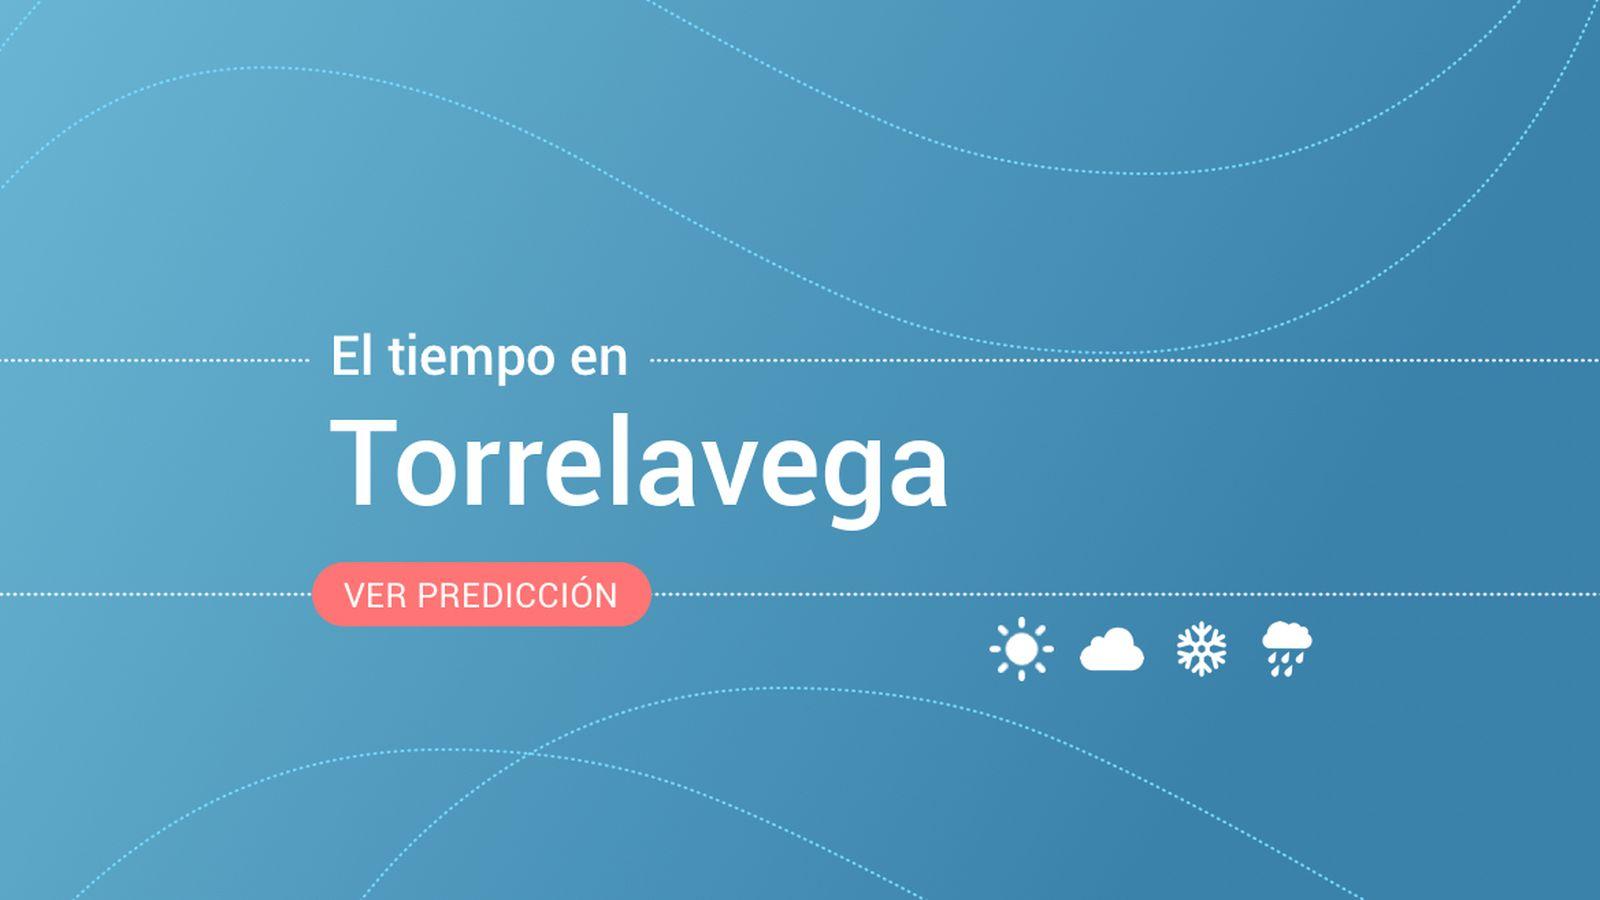 Foto: El tiempo en Torrelavega. (EC)